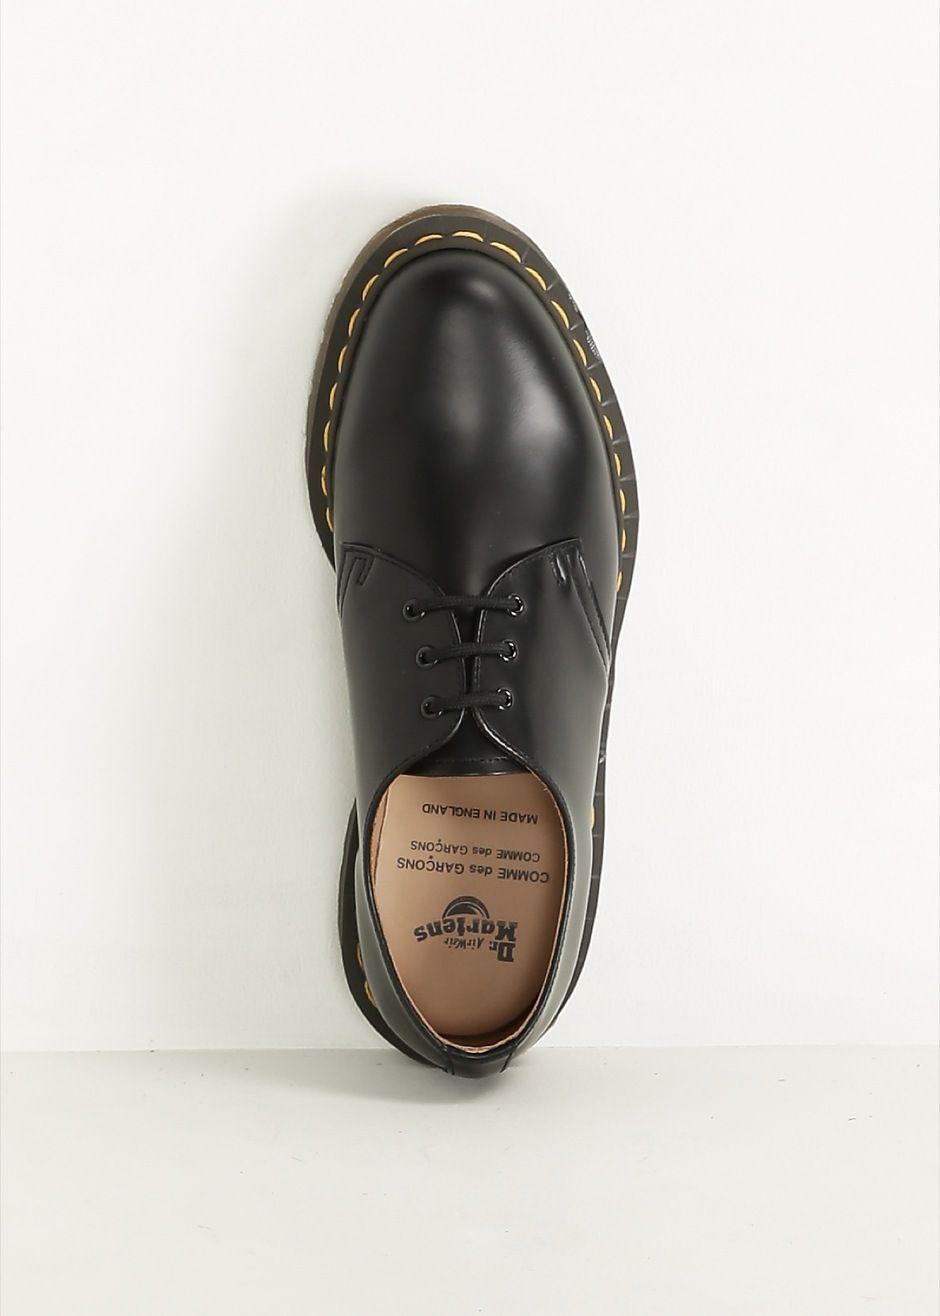 535c0949f26 Comme des Garcons COMME Dr. Martens 1461 Derby (Black) | Shoes ...